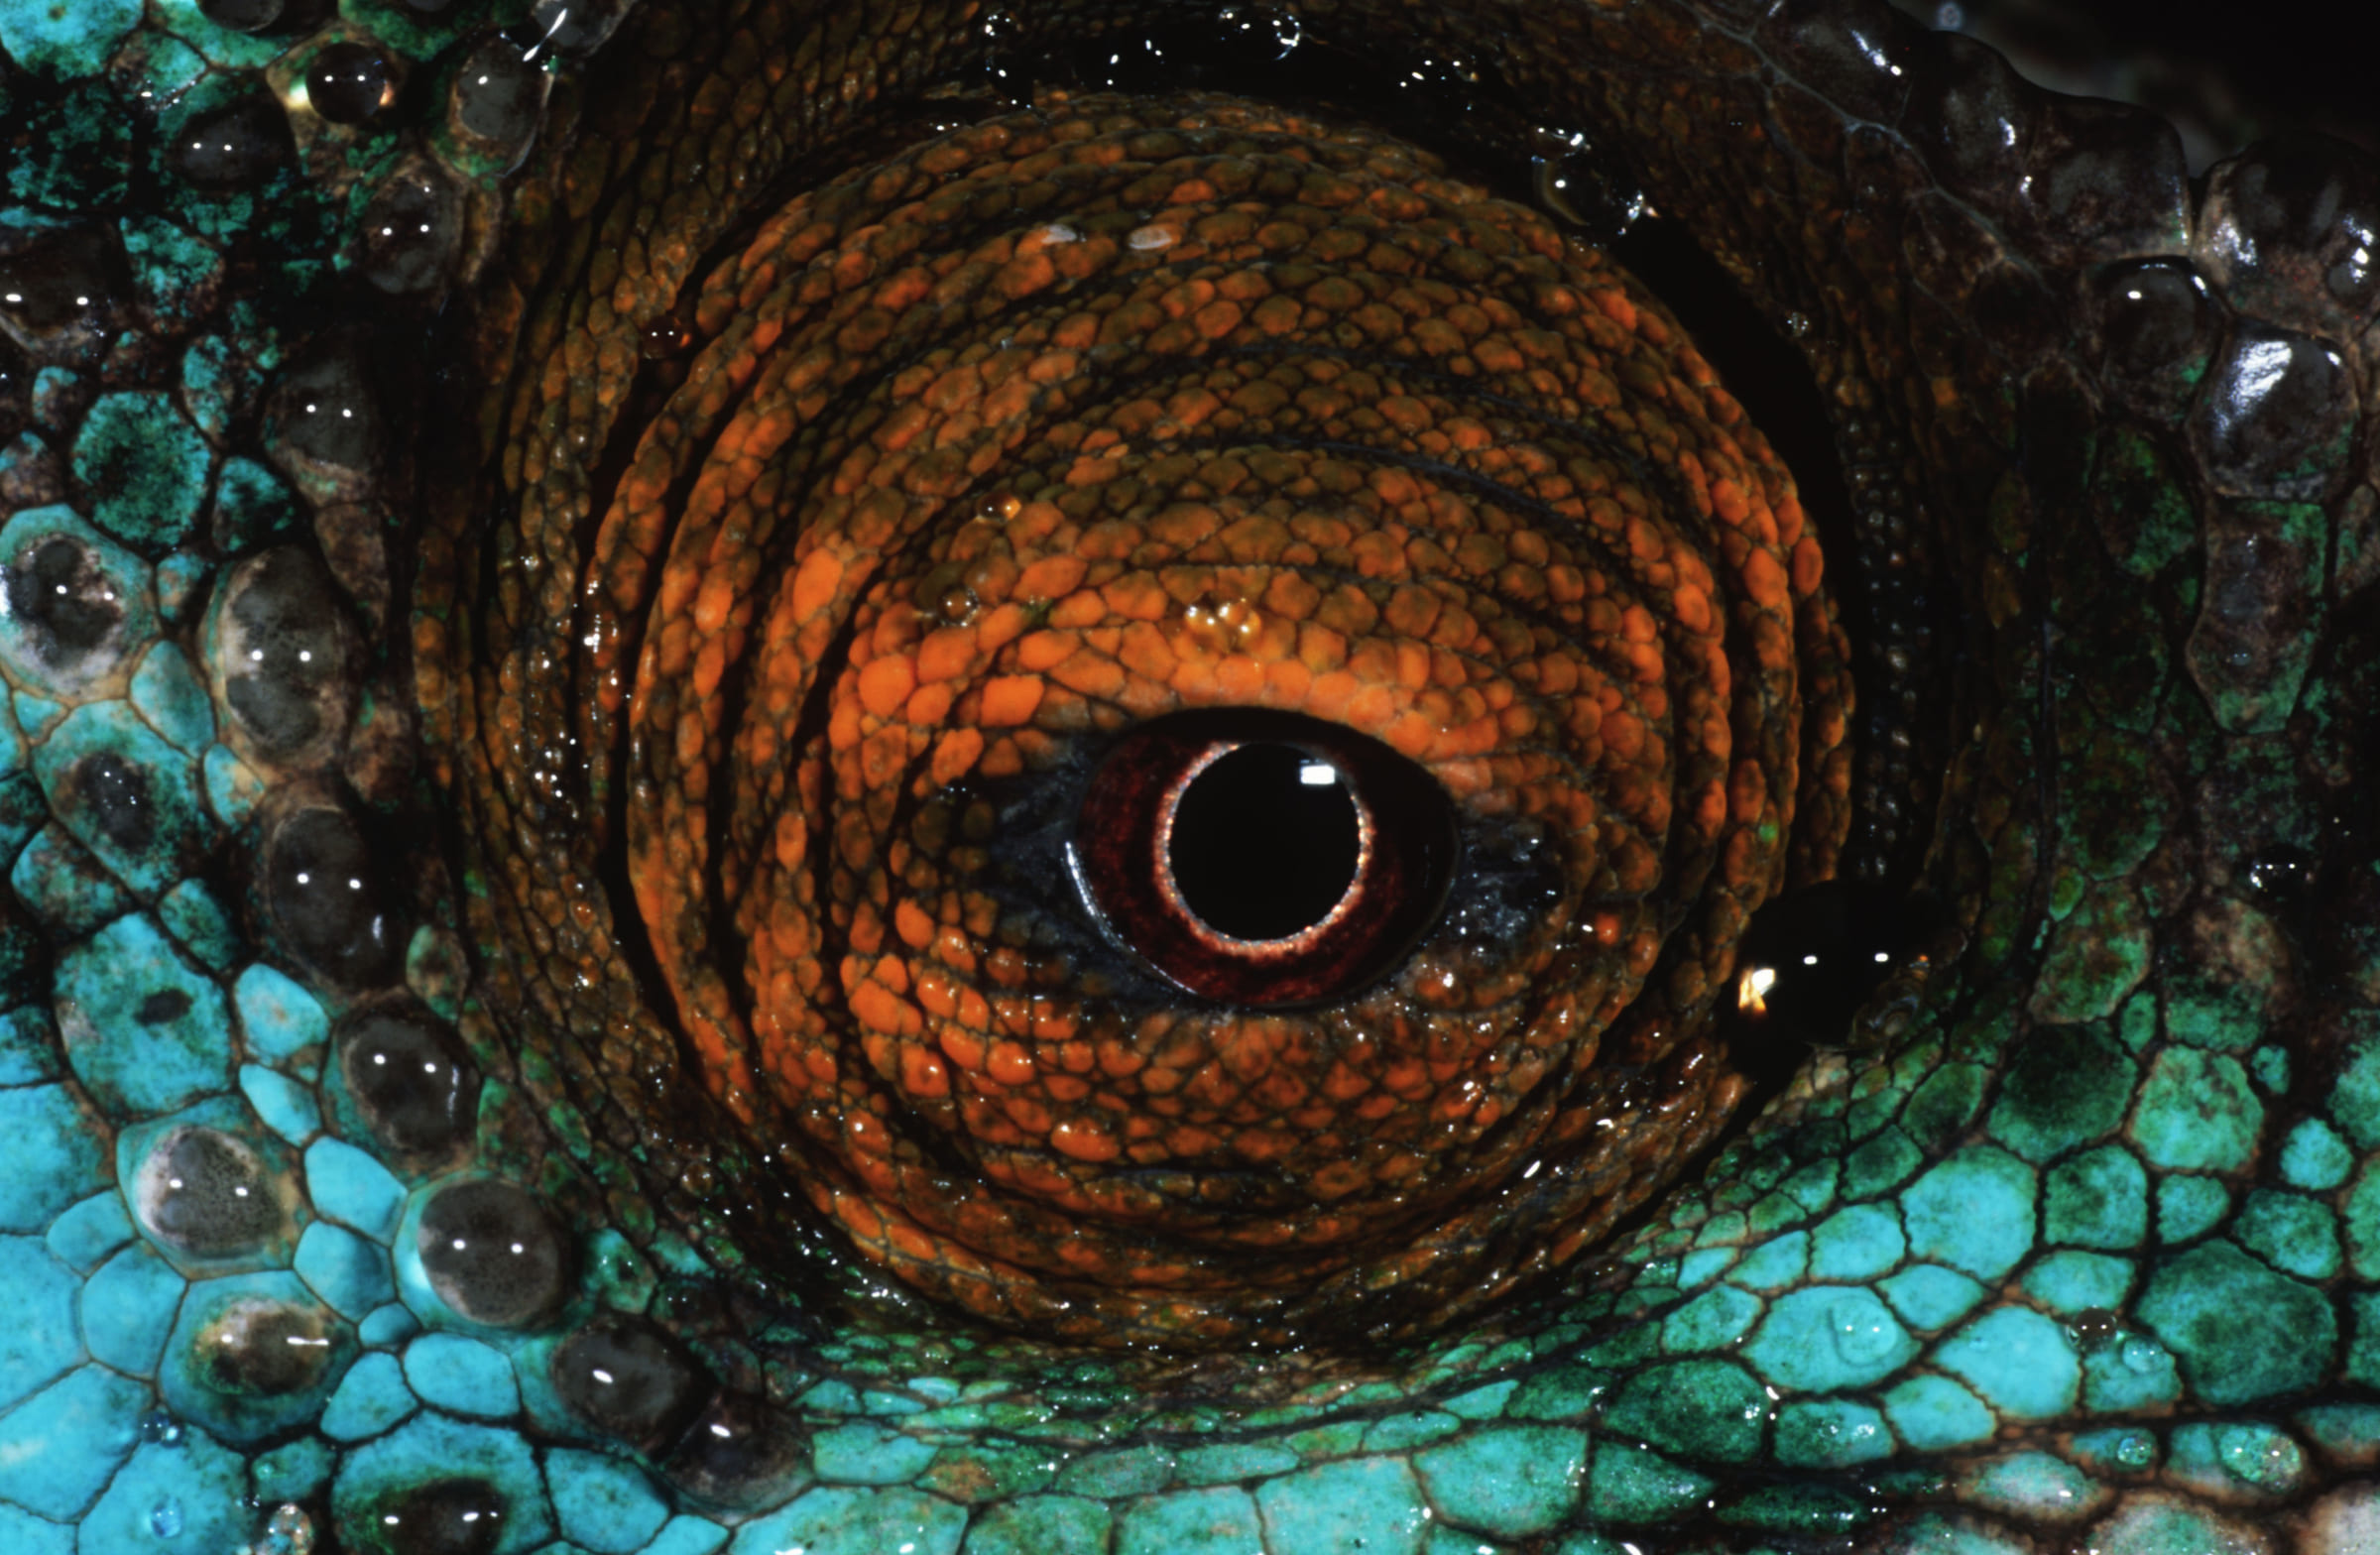 L'oeil du caméléon